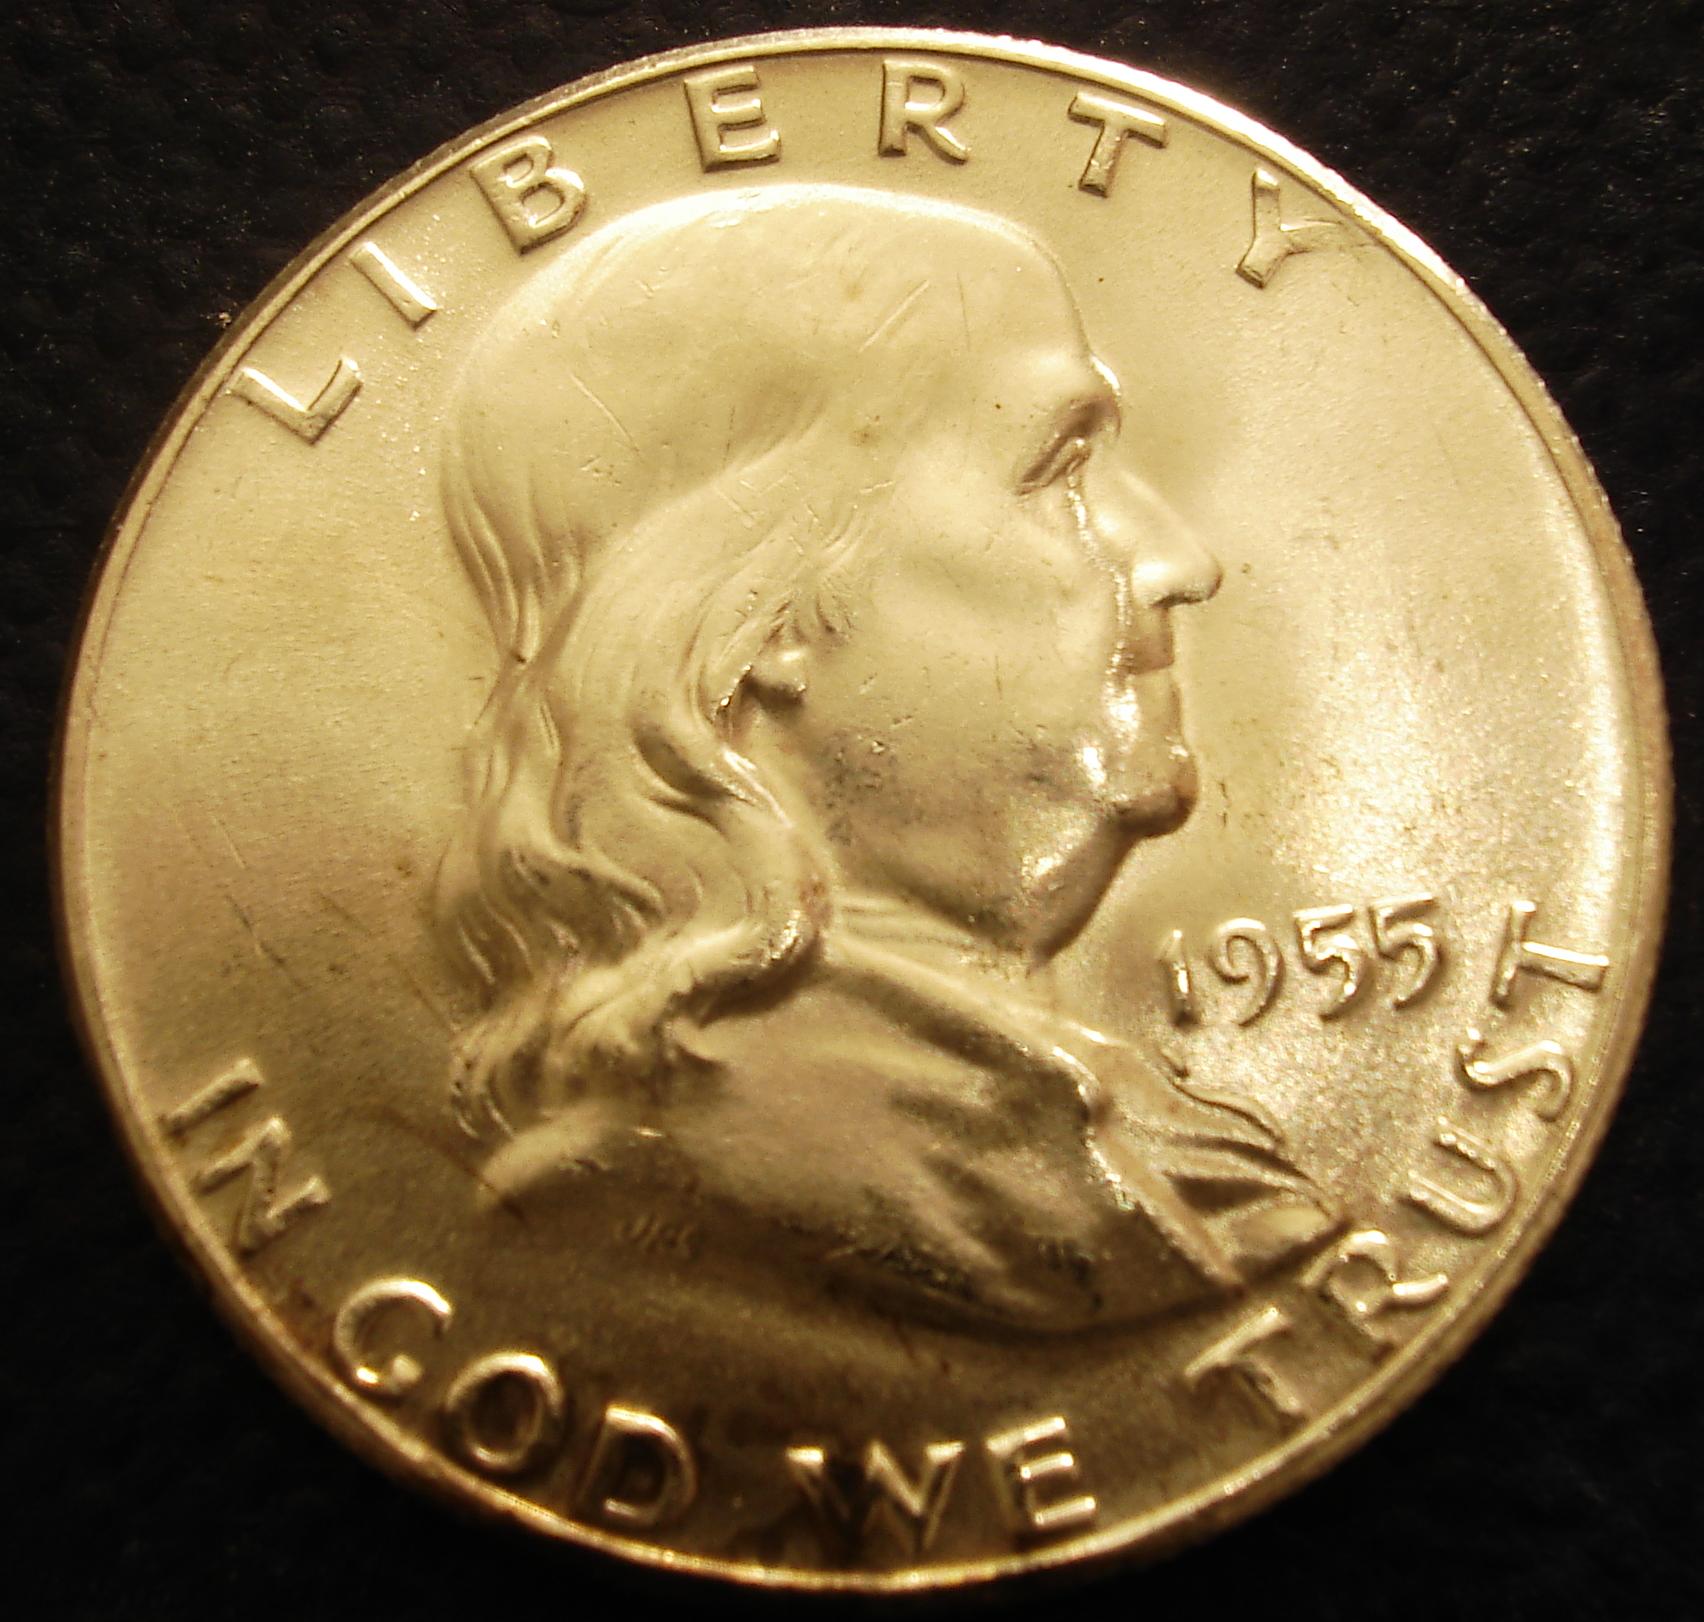 Ruben Safir Coins Collection: Franklin Half Dollar Coins